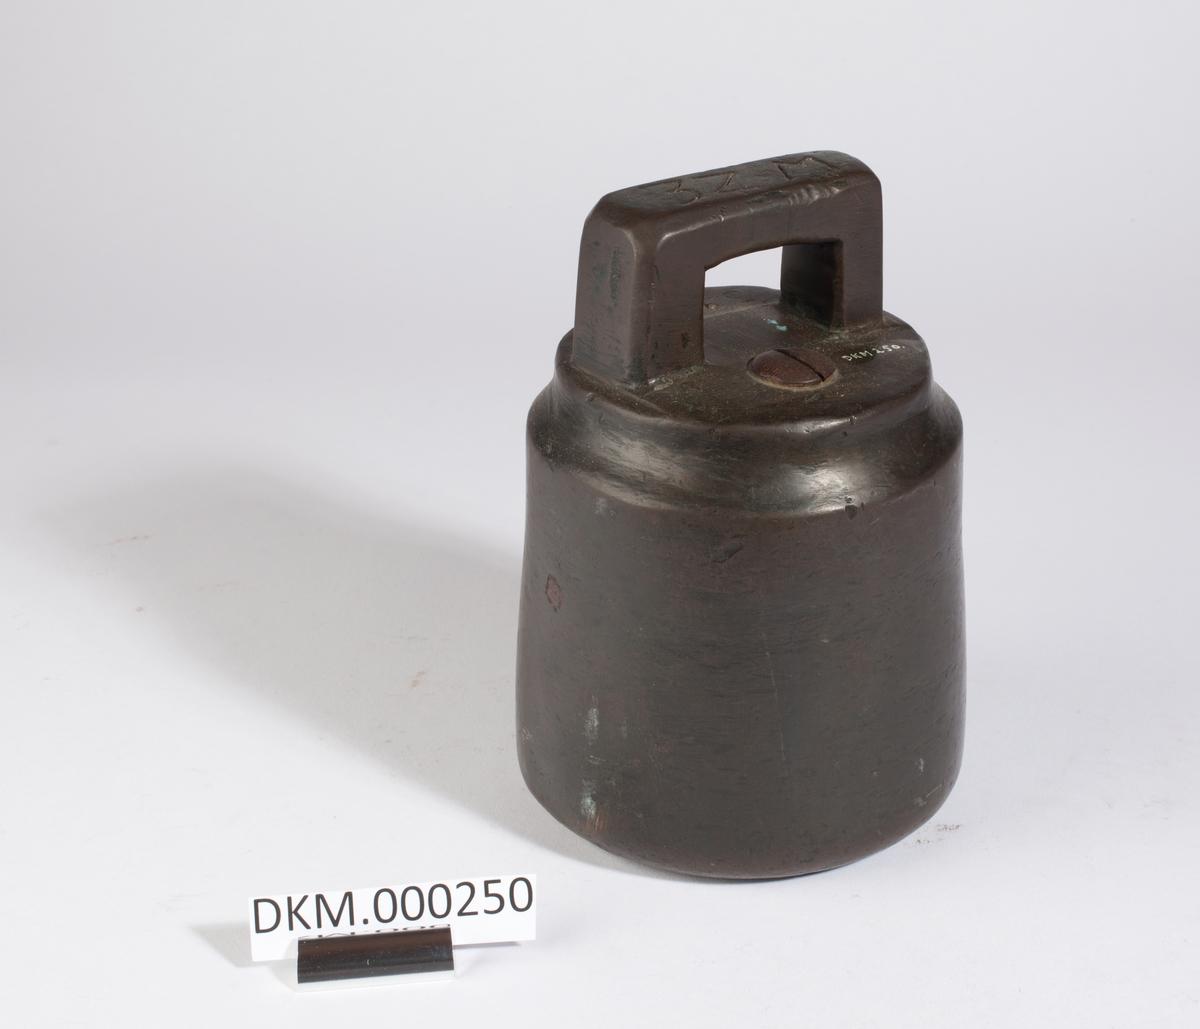 Sylinderform med håndtak.